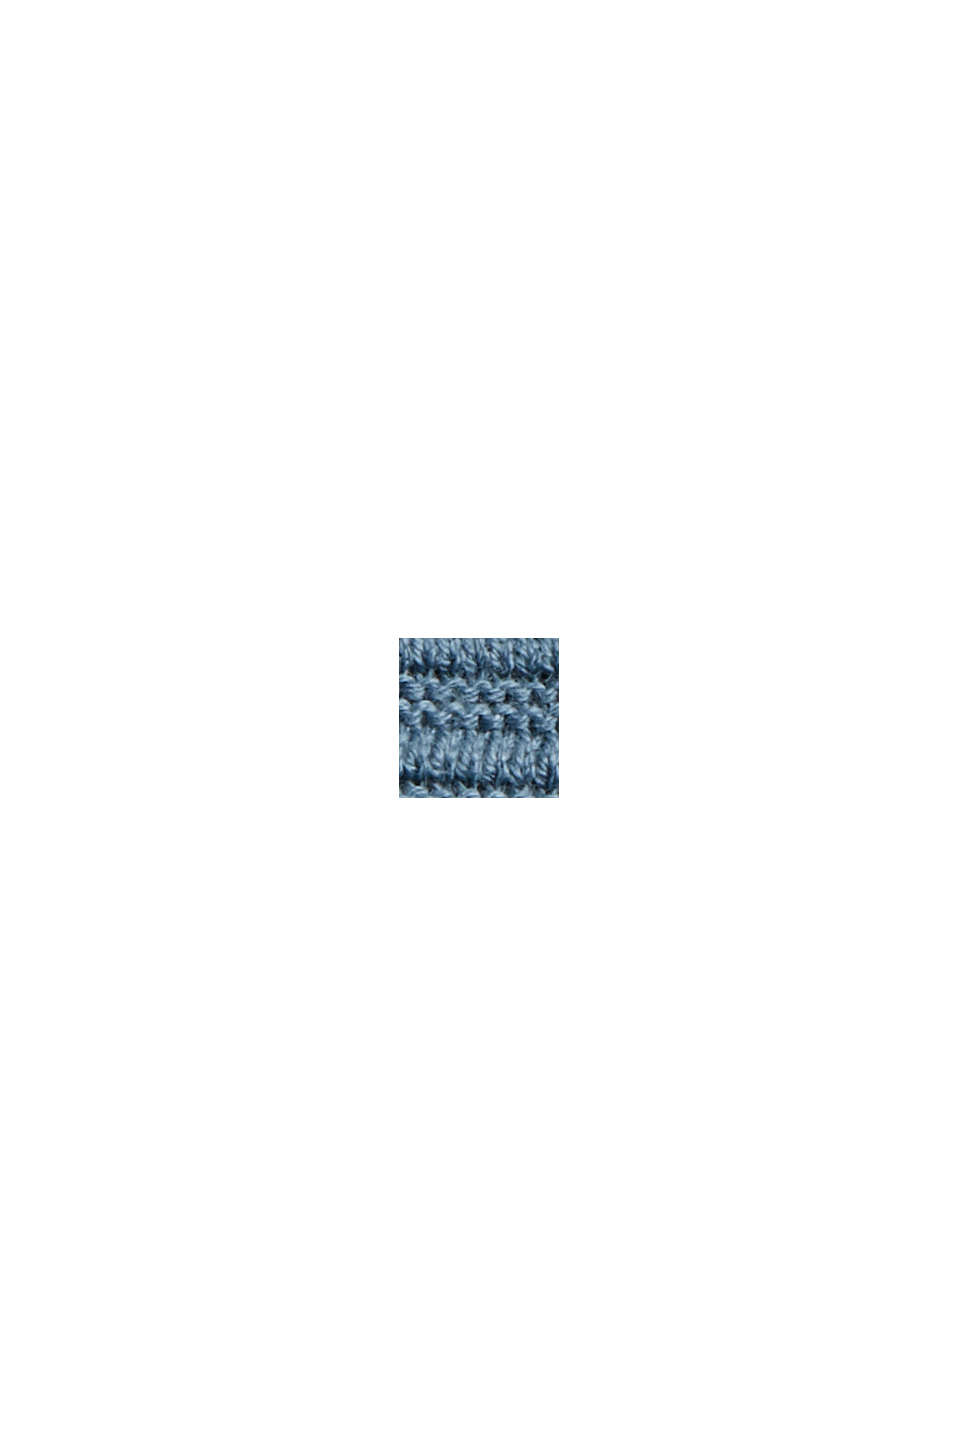 Ribbet cardigan i 100% økobomuld uden lukning, GREY BLUE, swatch